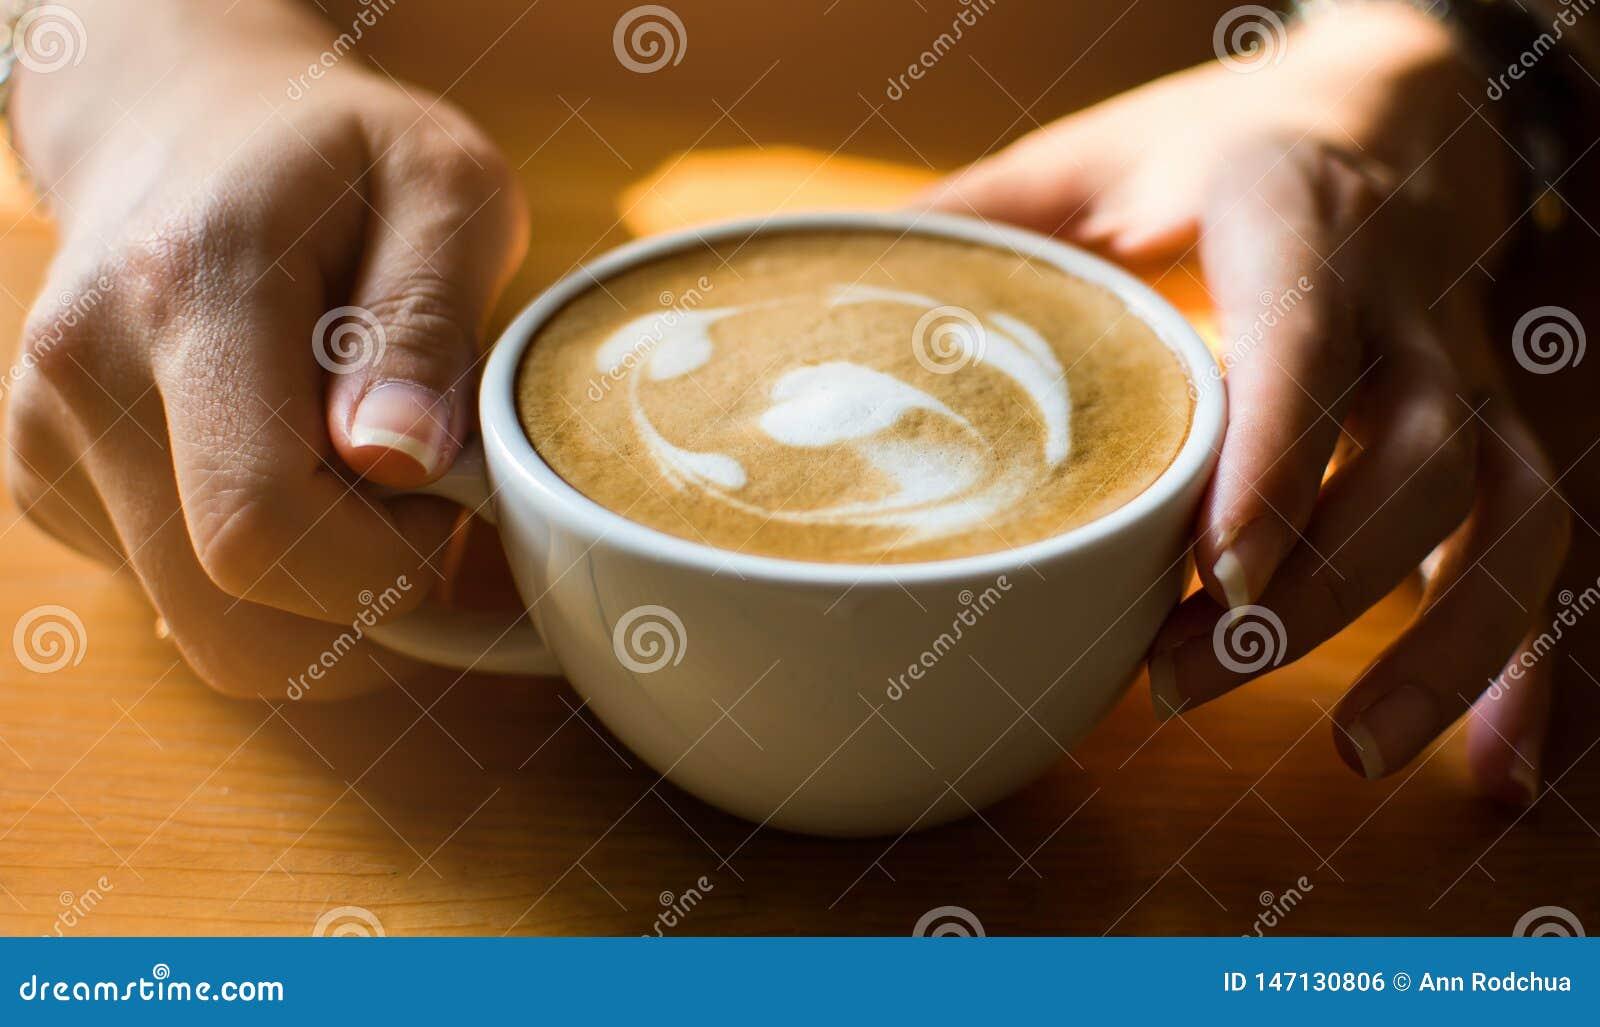 Sostener una taza de caf? con dos manos